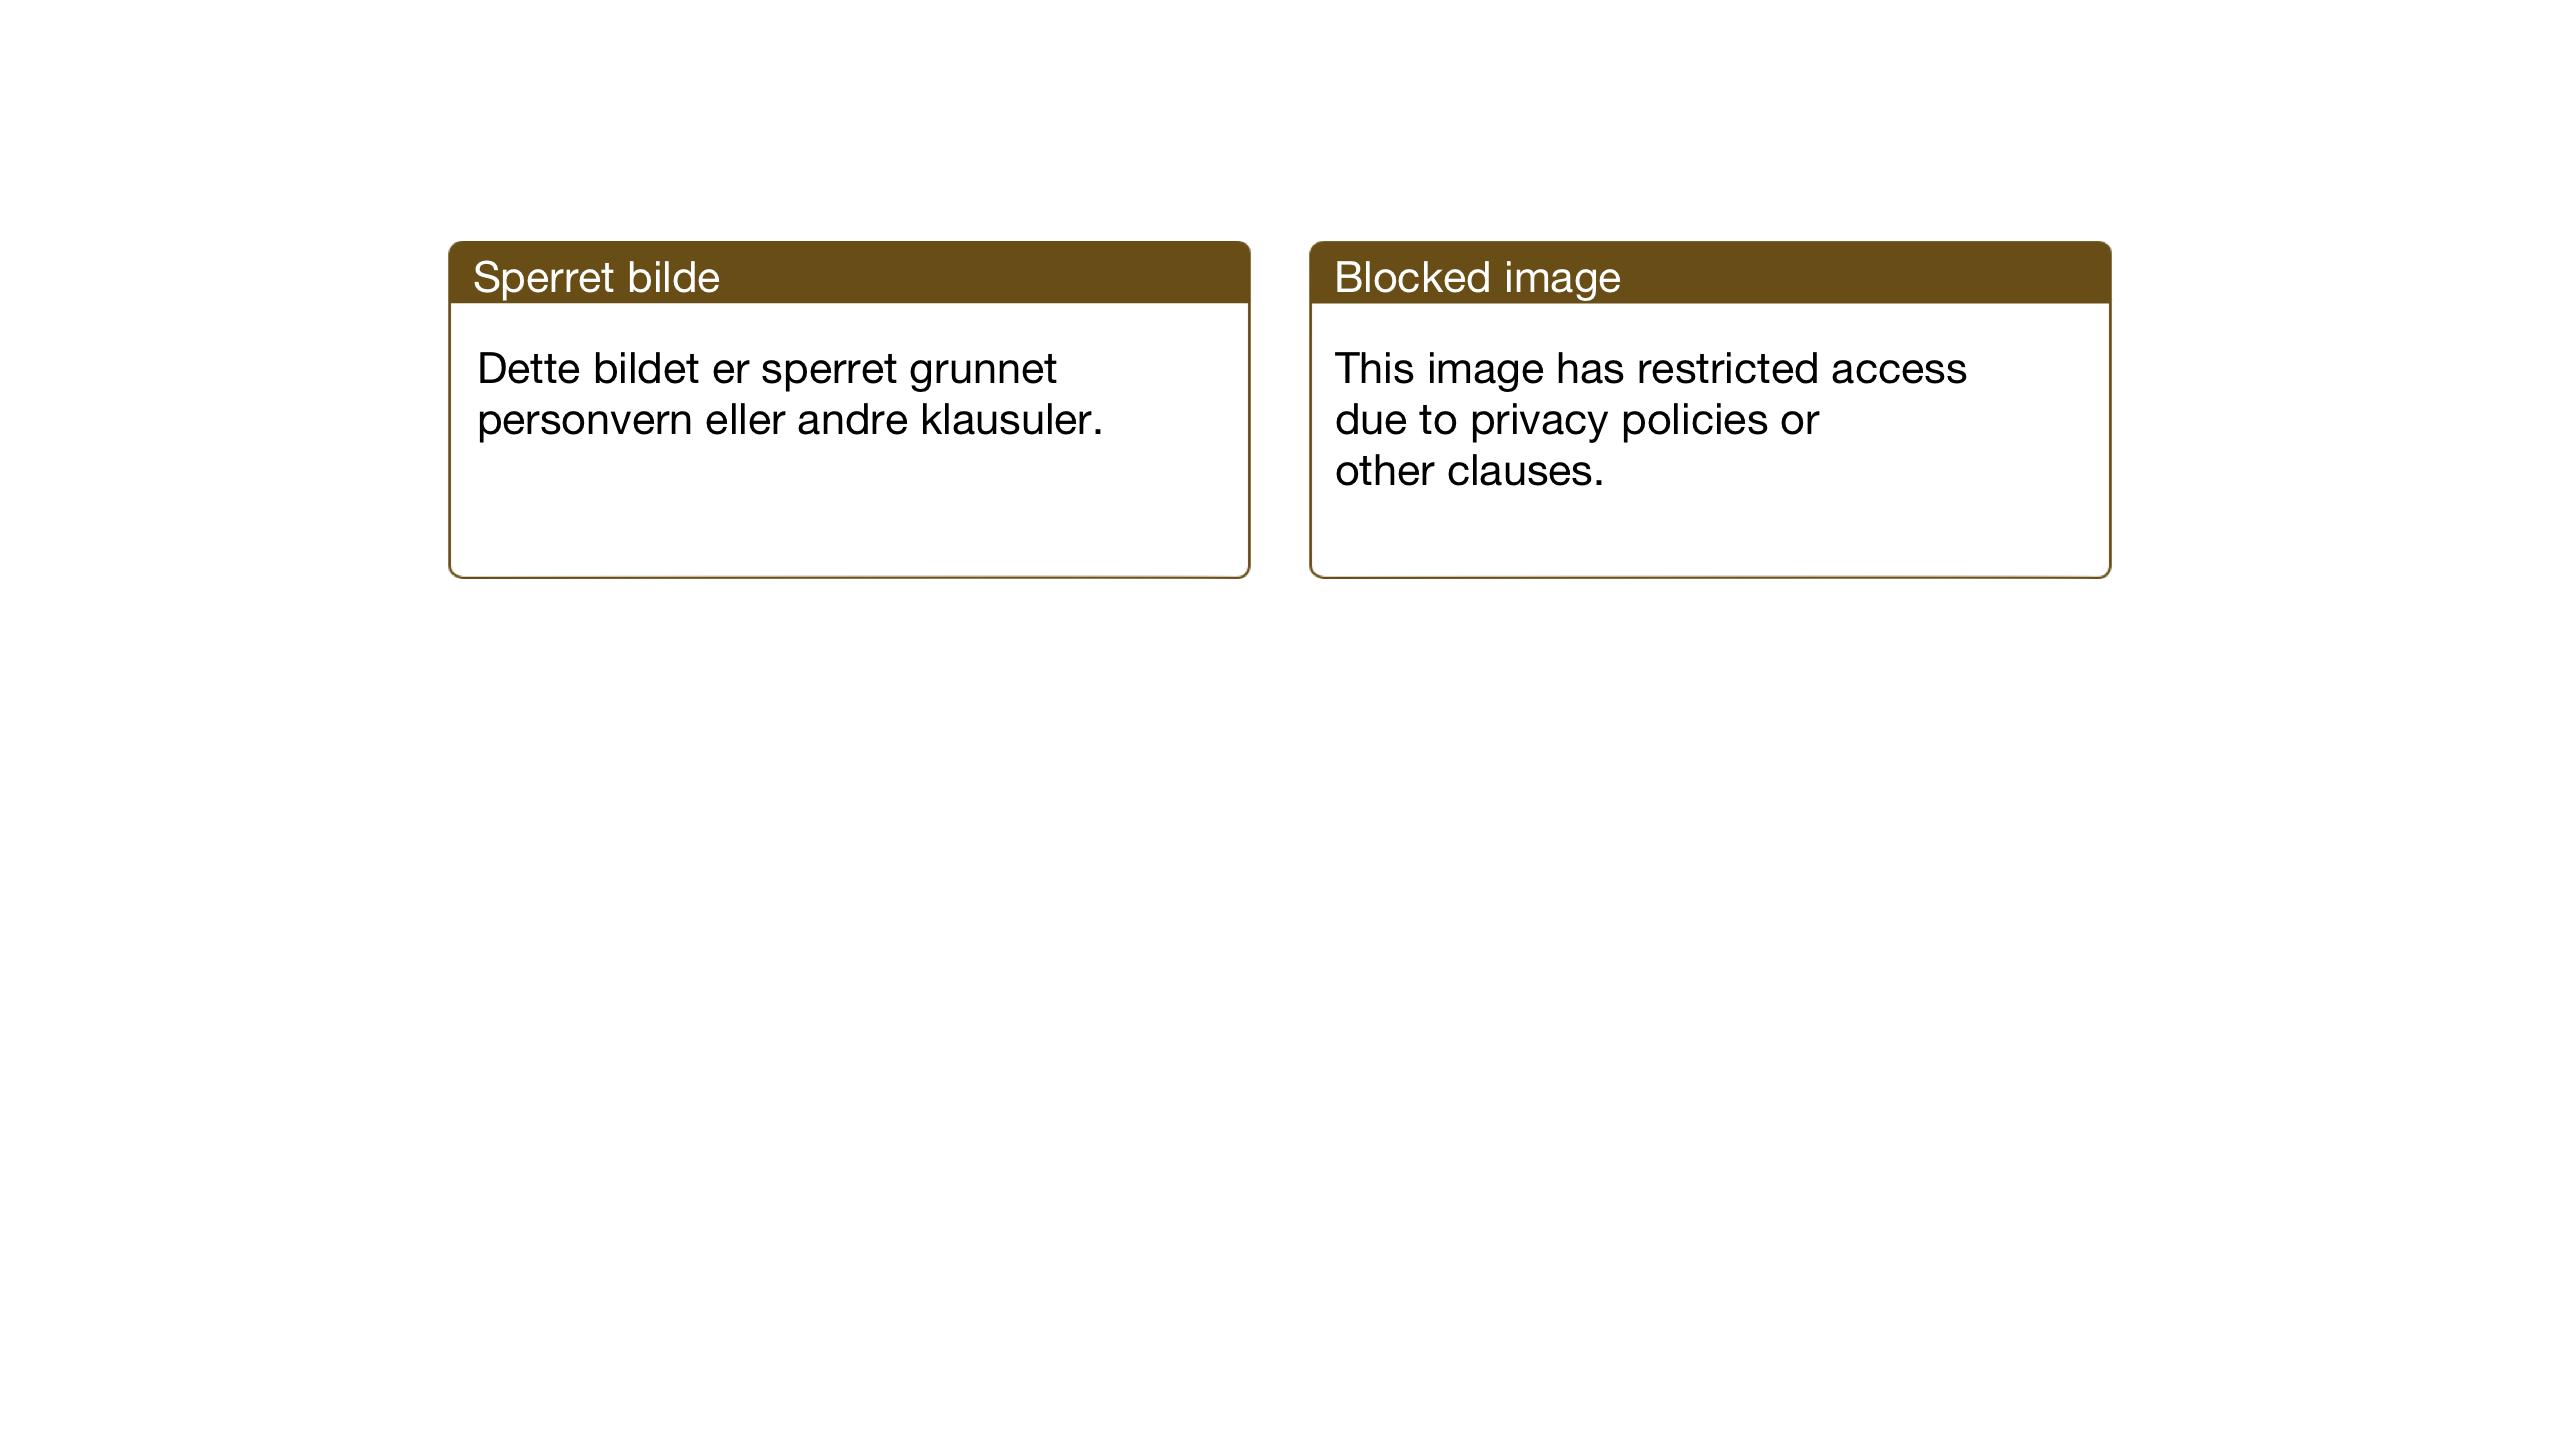 SAT, Ministerialprotokoller, klokkerbøker og fødselsregistre - Sør-Trøndelag, 608/L0343: Klokkerbok nr. 608C09, 1938-1952, s. 26